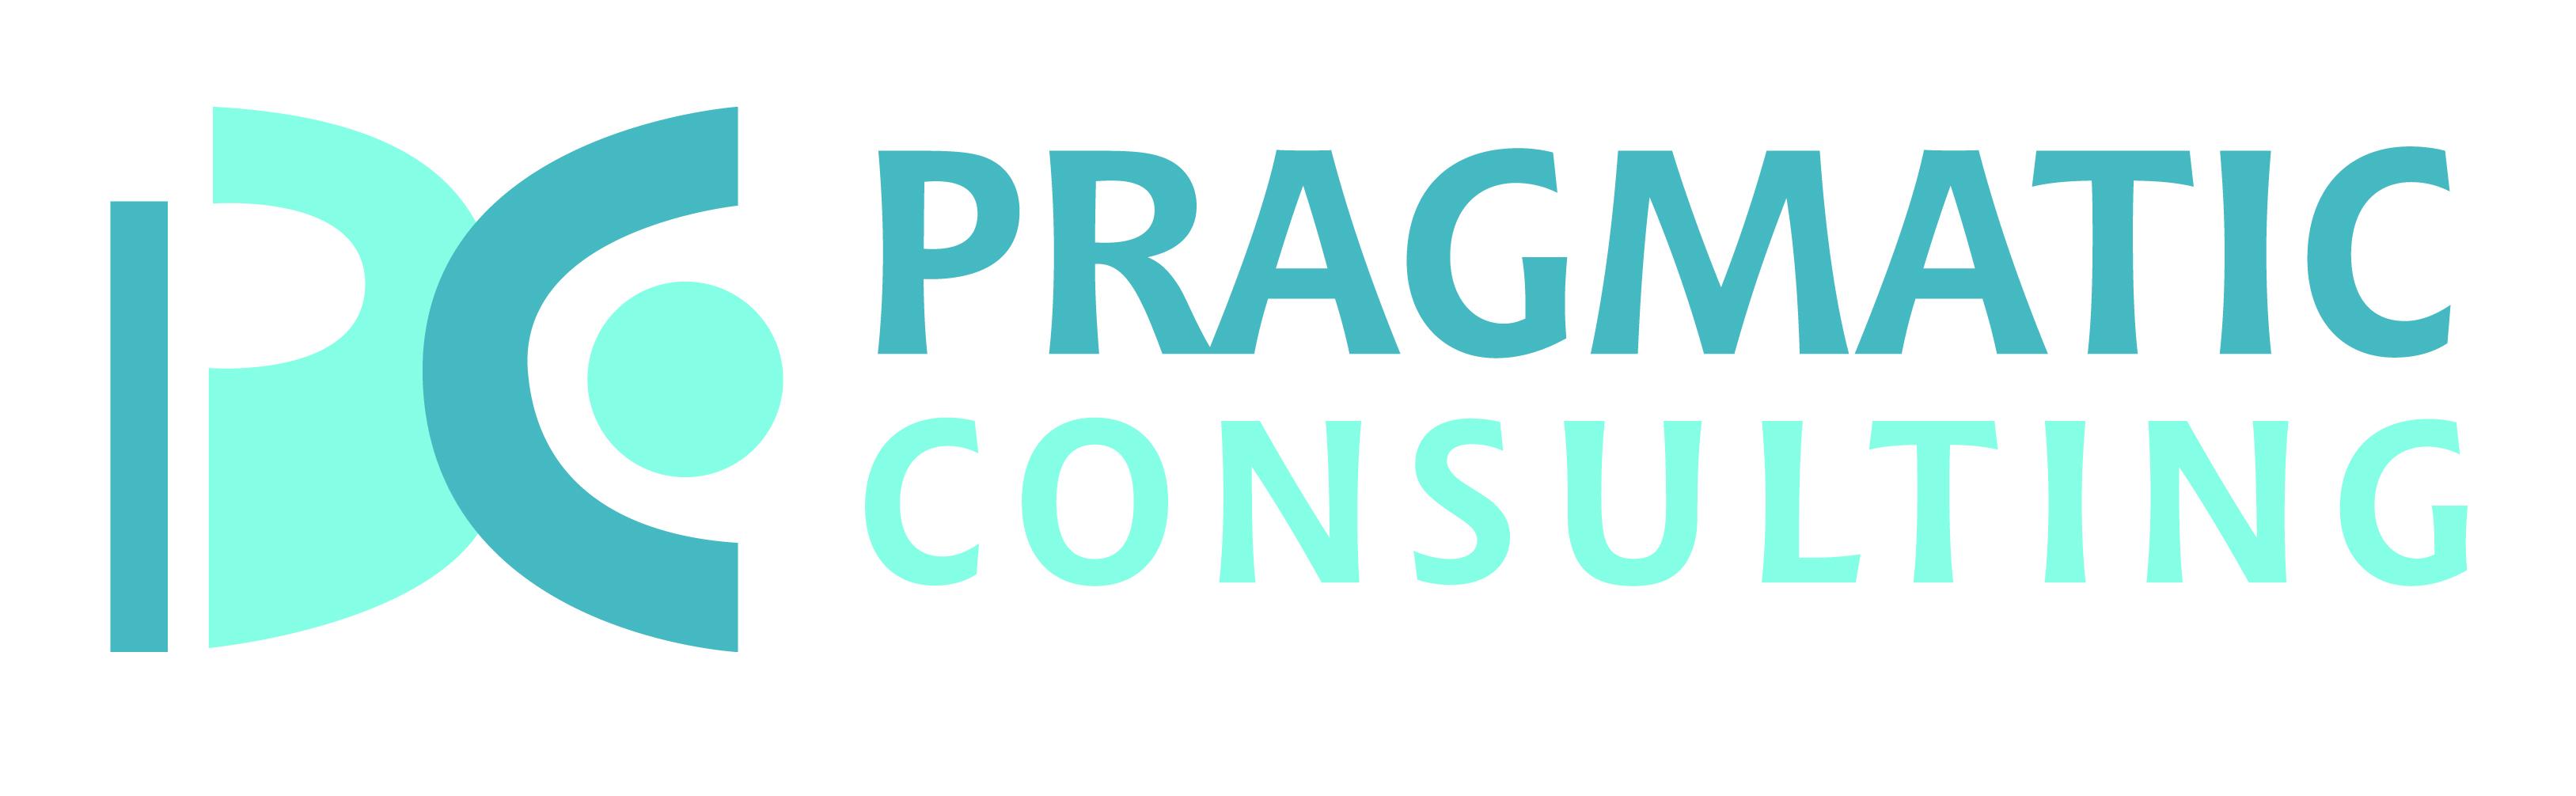 Pragmatic Consulting